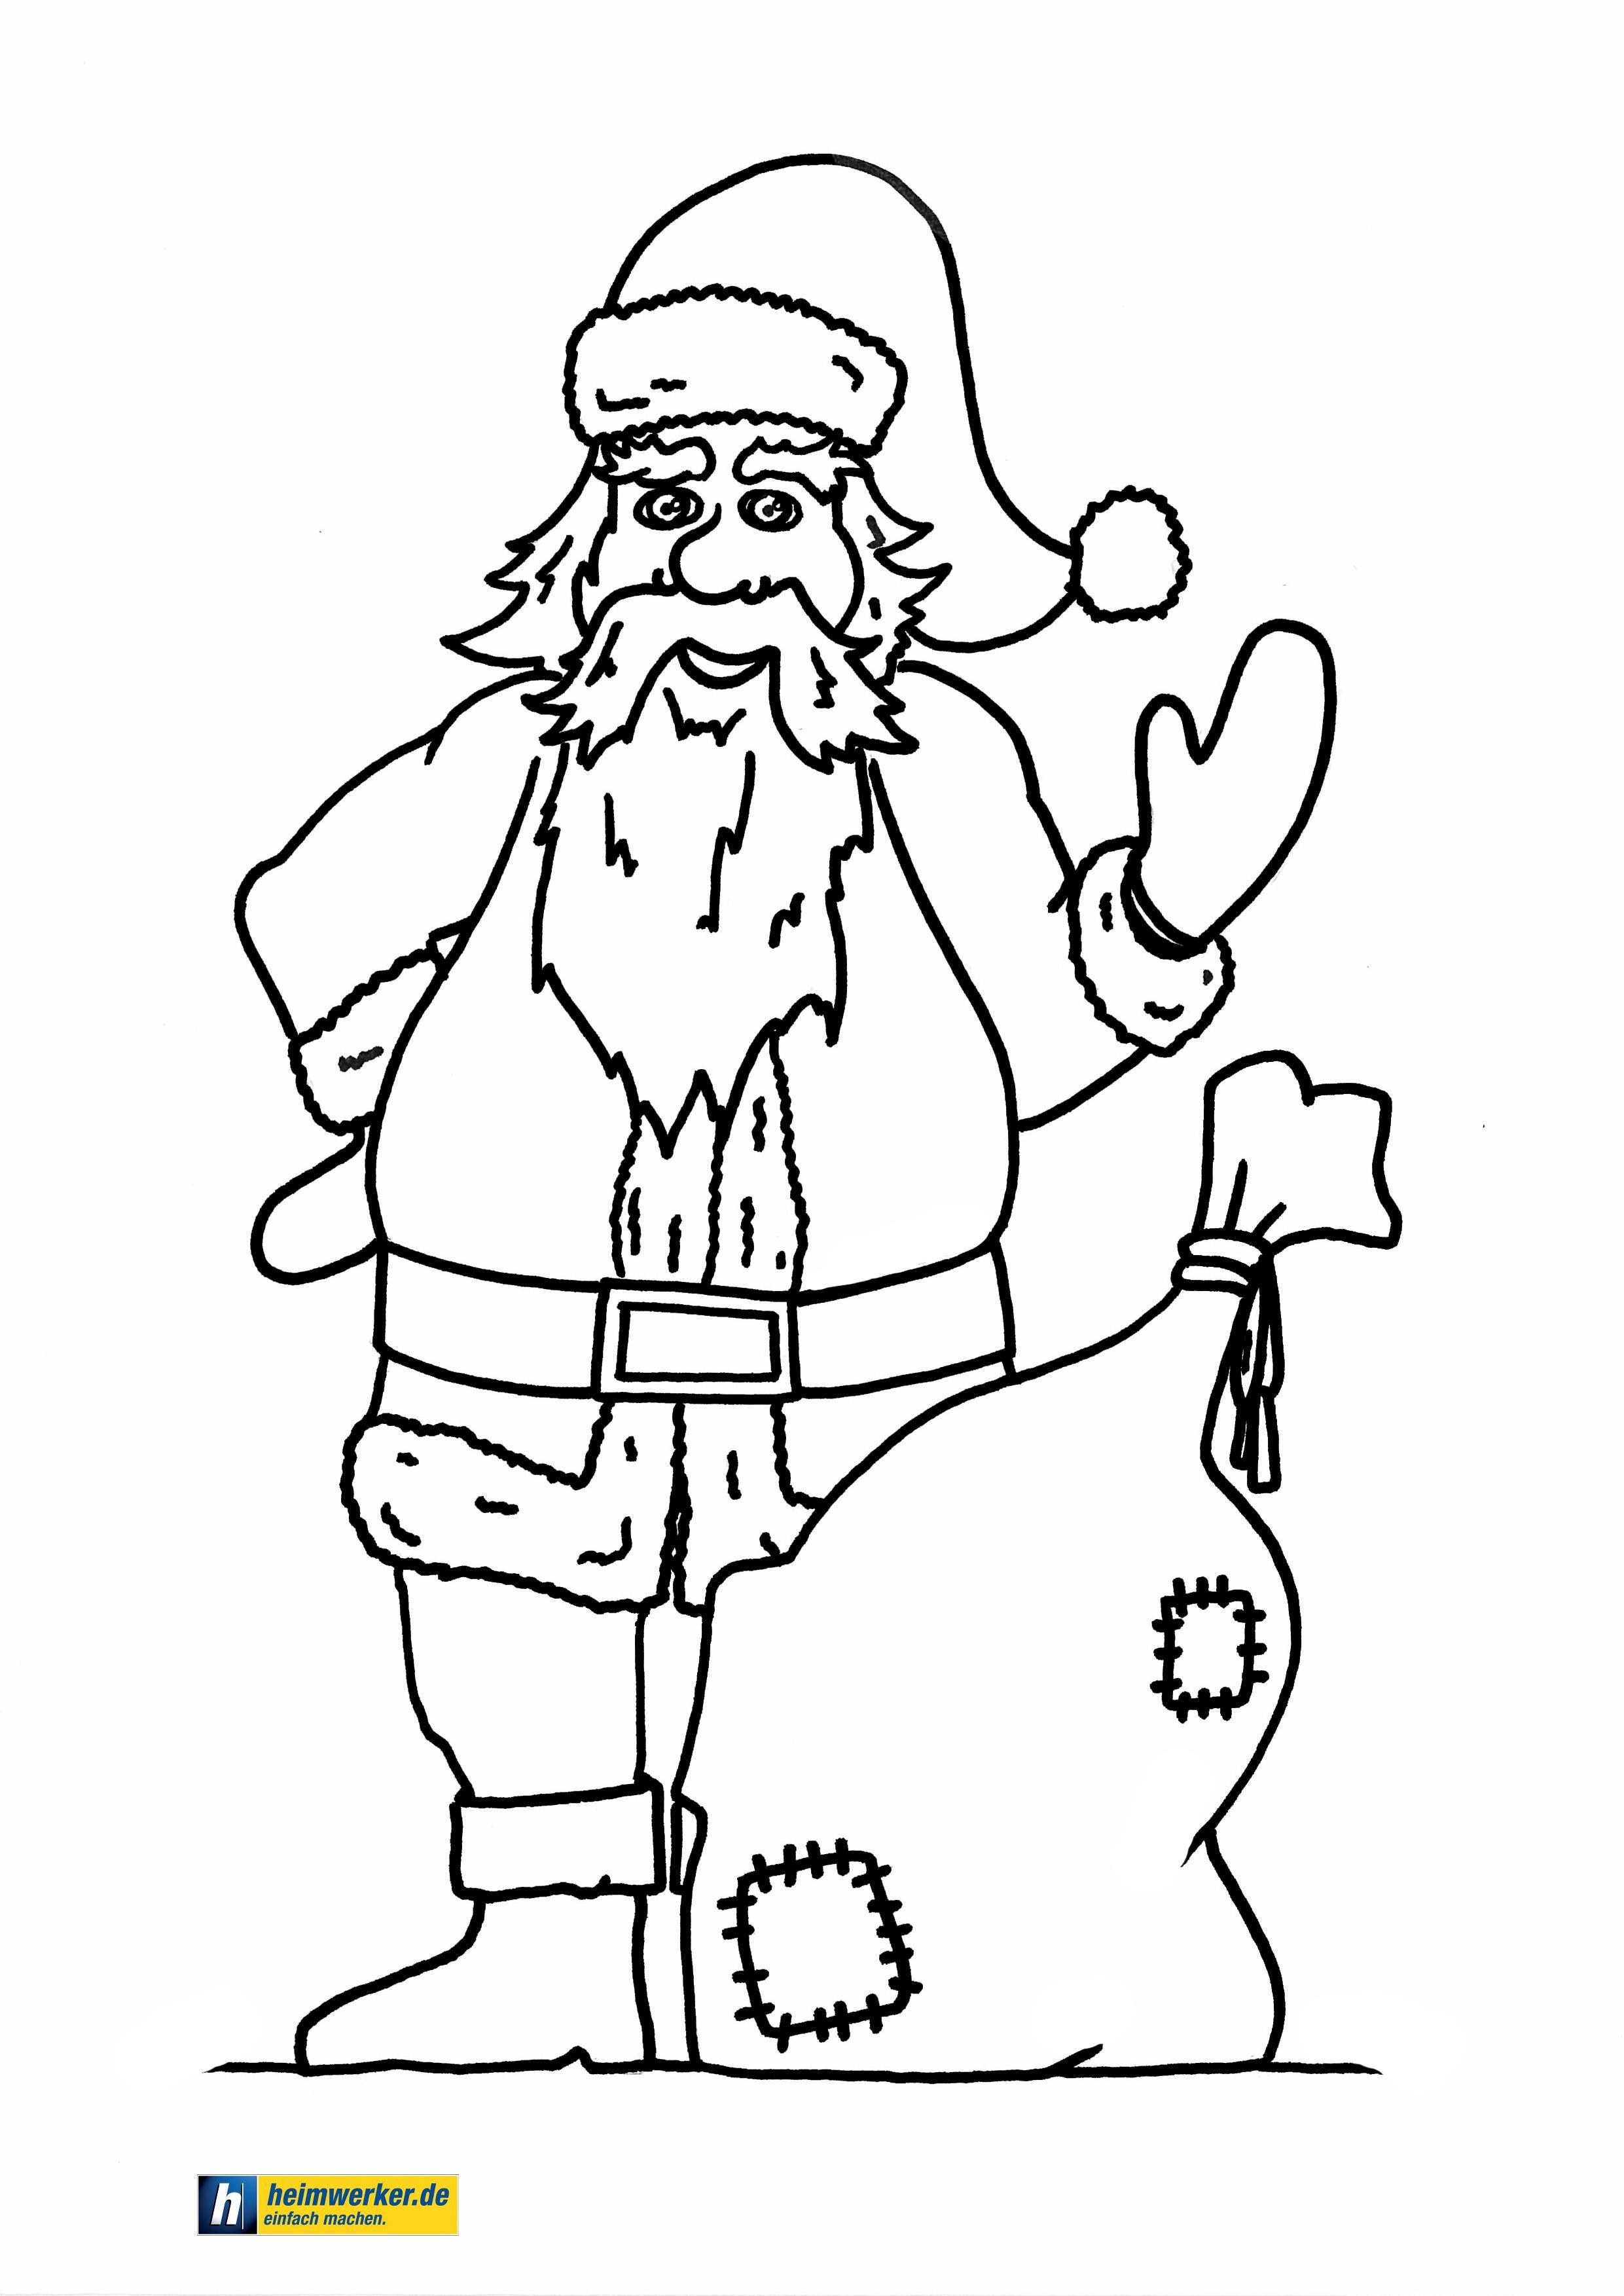 Ausmalbilder Weihnachten Advent Neu Schablonen Weihnachtsmotive Zum Ausdrucken tongramp Bild